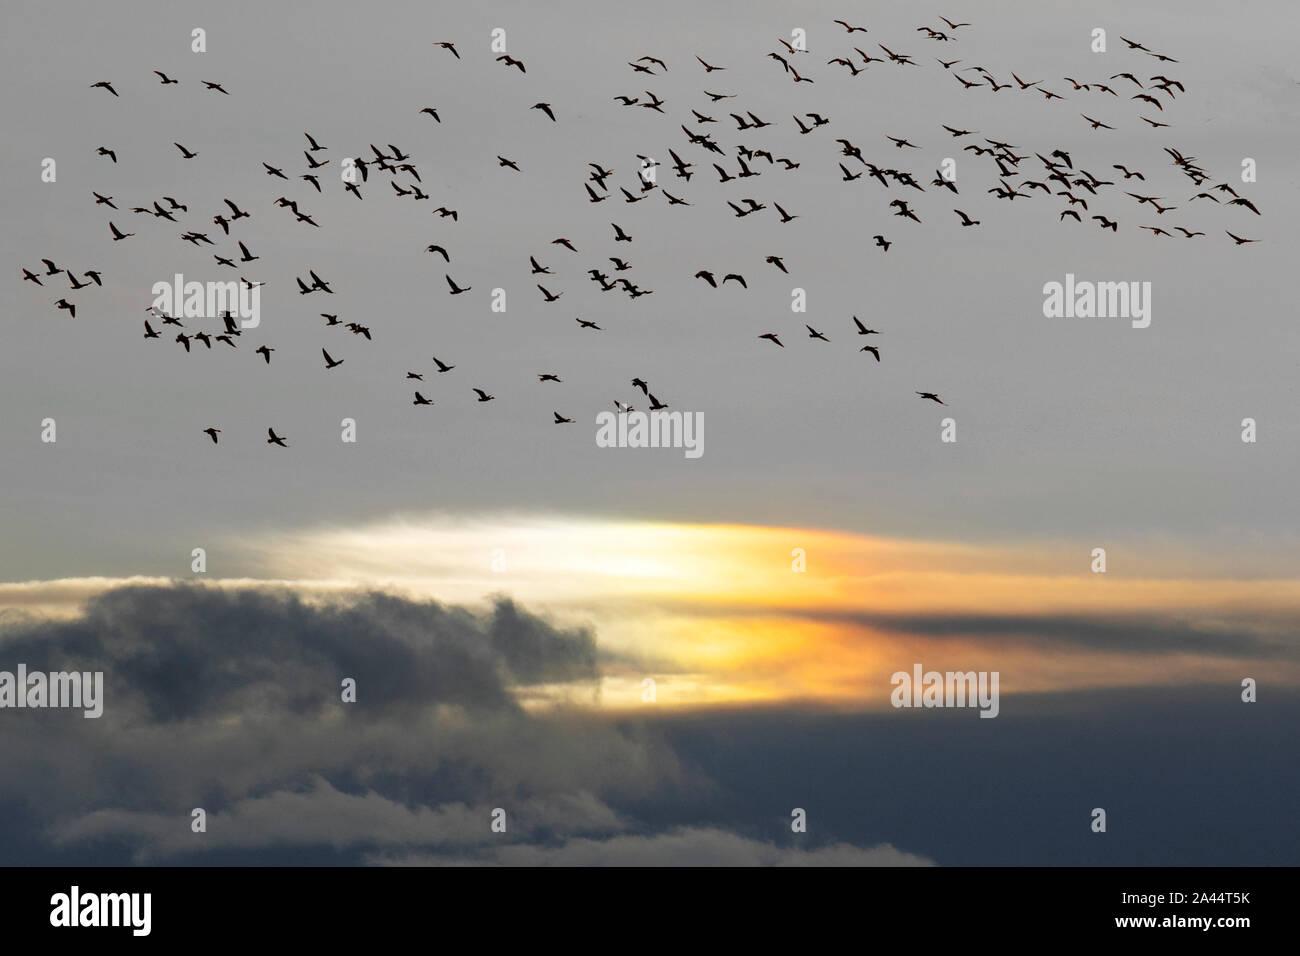 Southport, Merseyside. Météo britannique. 12 octobre 2019. En début de matinée, la pluie est suivie de conditions plus vives dans le complexe. Sur la côte, selon les estimations, 48 800 oiseaux migrants se montent à l'aube du marais Ribble de la RSPB. Les pinkies signalent l'arrivée de l'hiver sur la côte de Sefton, car les énormes troupeaux d'oies des pieds roses migrants arrivent des climats du nord à l'hiver en Angleterre. Des milliers de « Pinkies » passent les mois d'hiver, paissent et se forrent sur les terres agricoles du West Lancashire pendant la journée et piquent sur les prairies de l'estuaire. Environ 280 000 habitants, 80 % de la population mondiale hivernent au Royaume-Uni. Banque D'Images